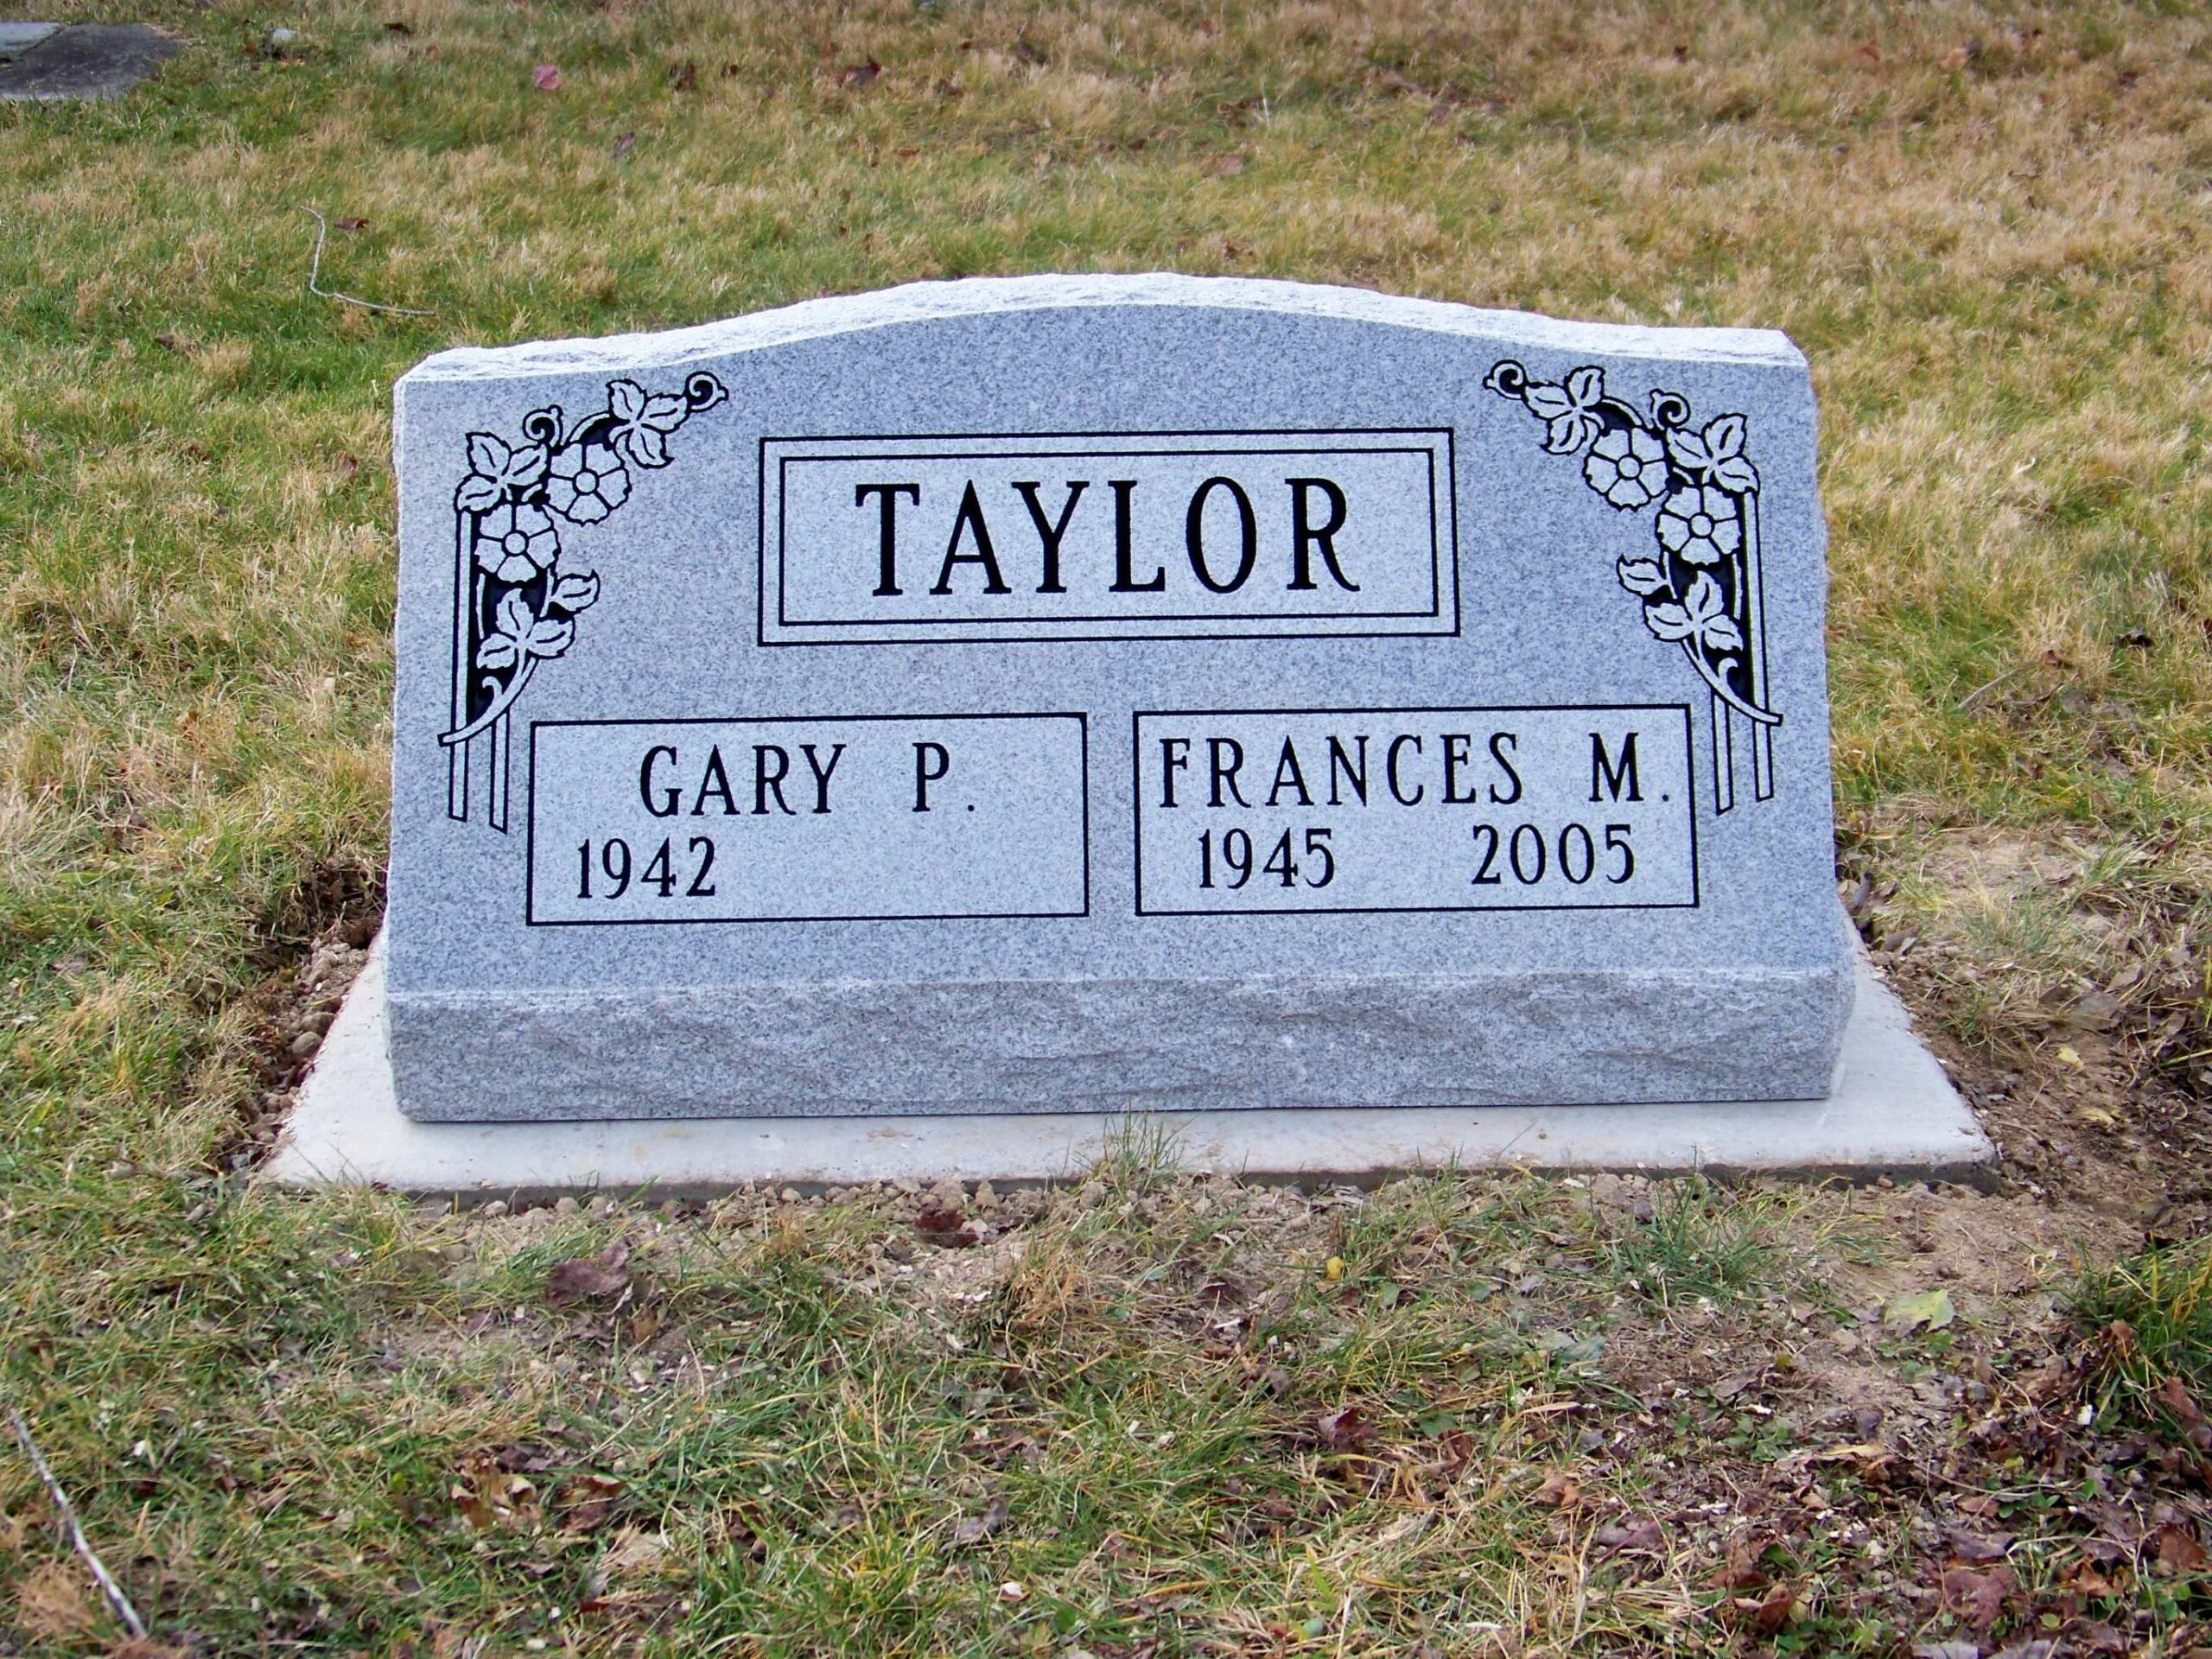 Taylor, Gary